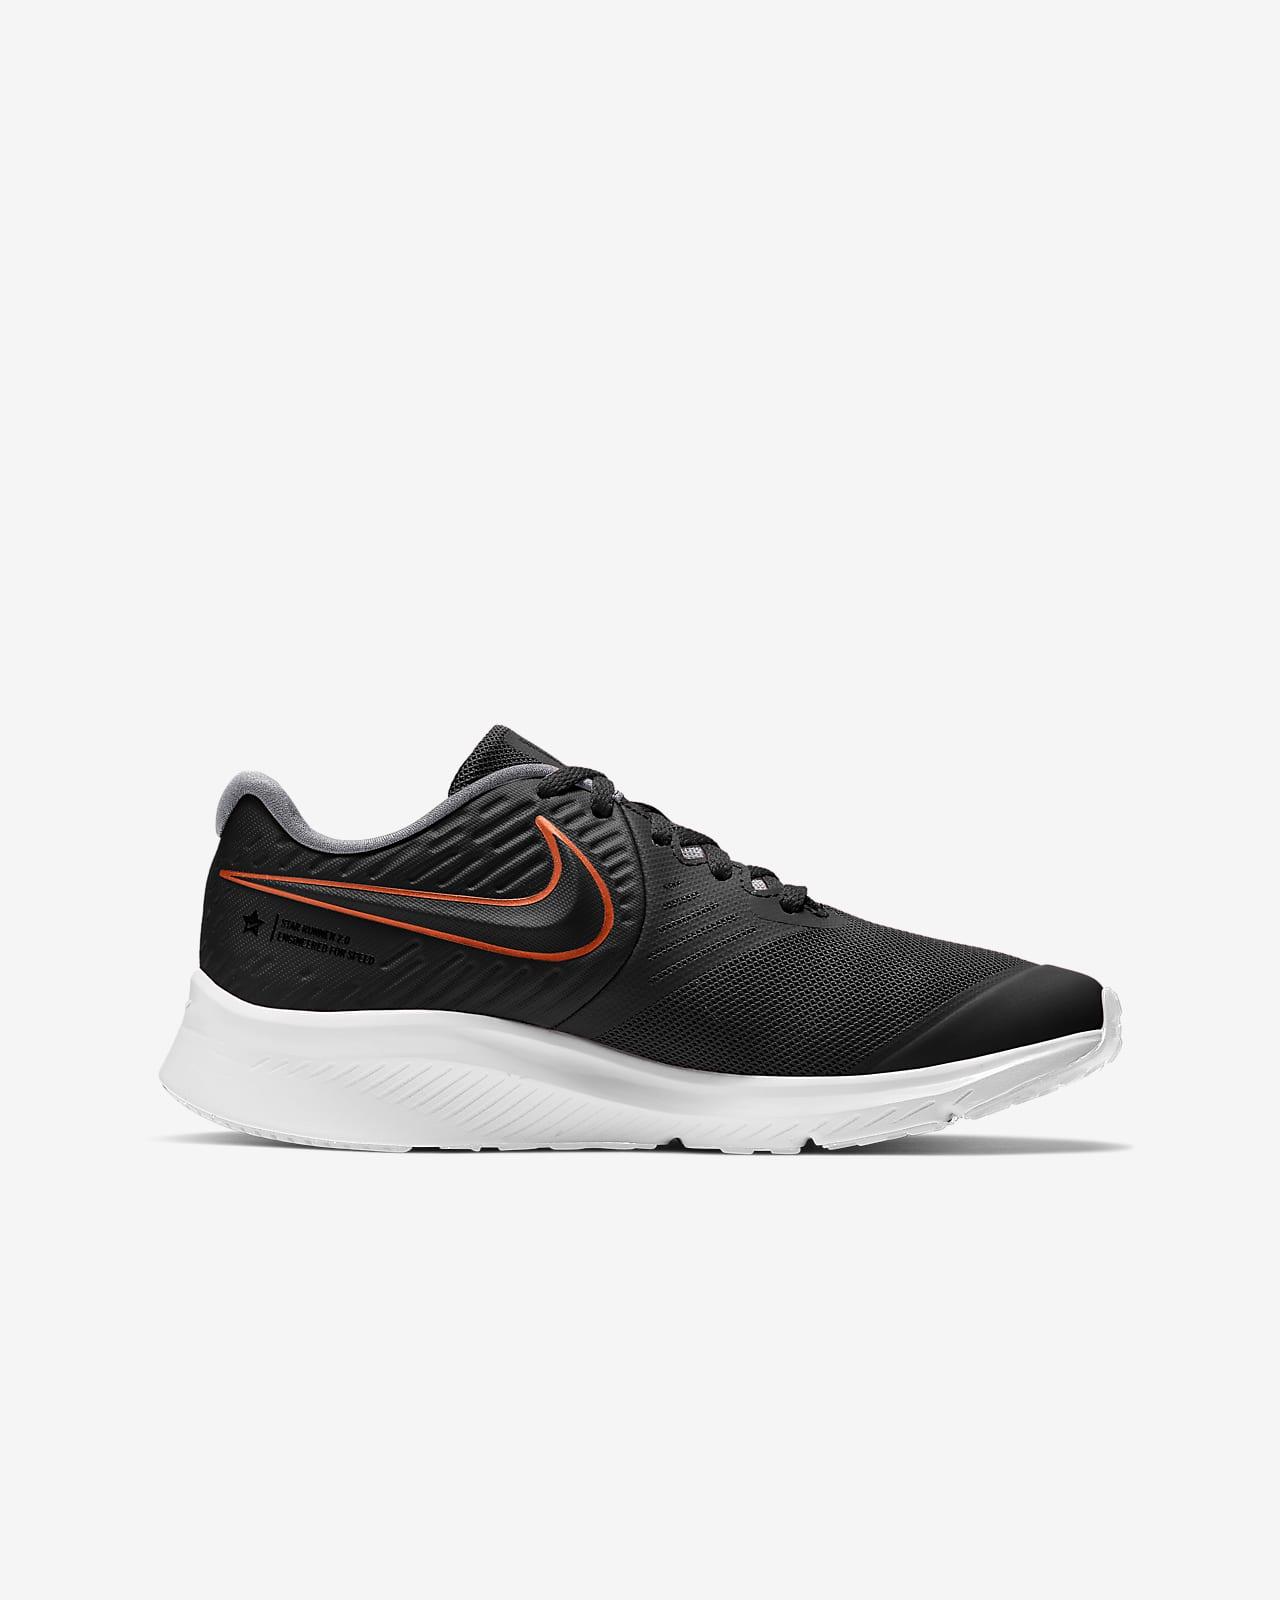 Nike 921443-005: Big Kids Star Runner PSV Black//Black Sneakers 12 M Little Kid